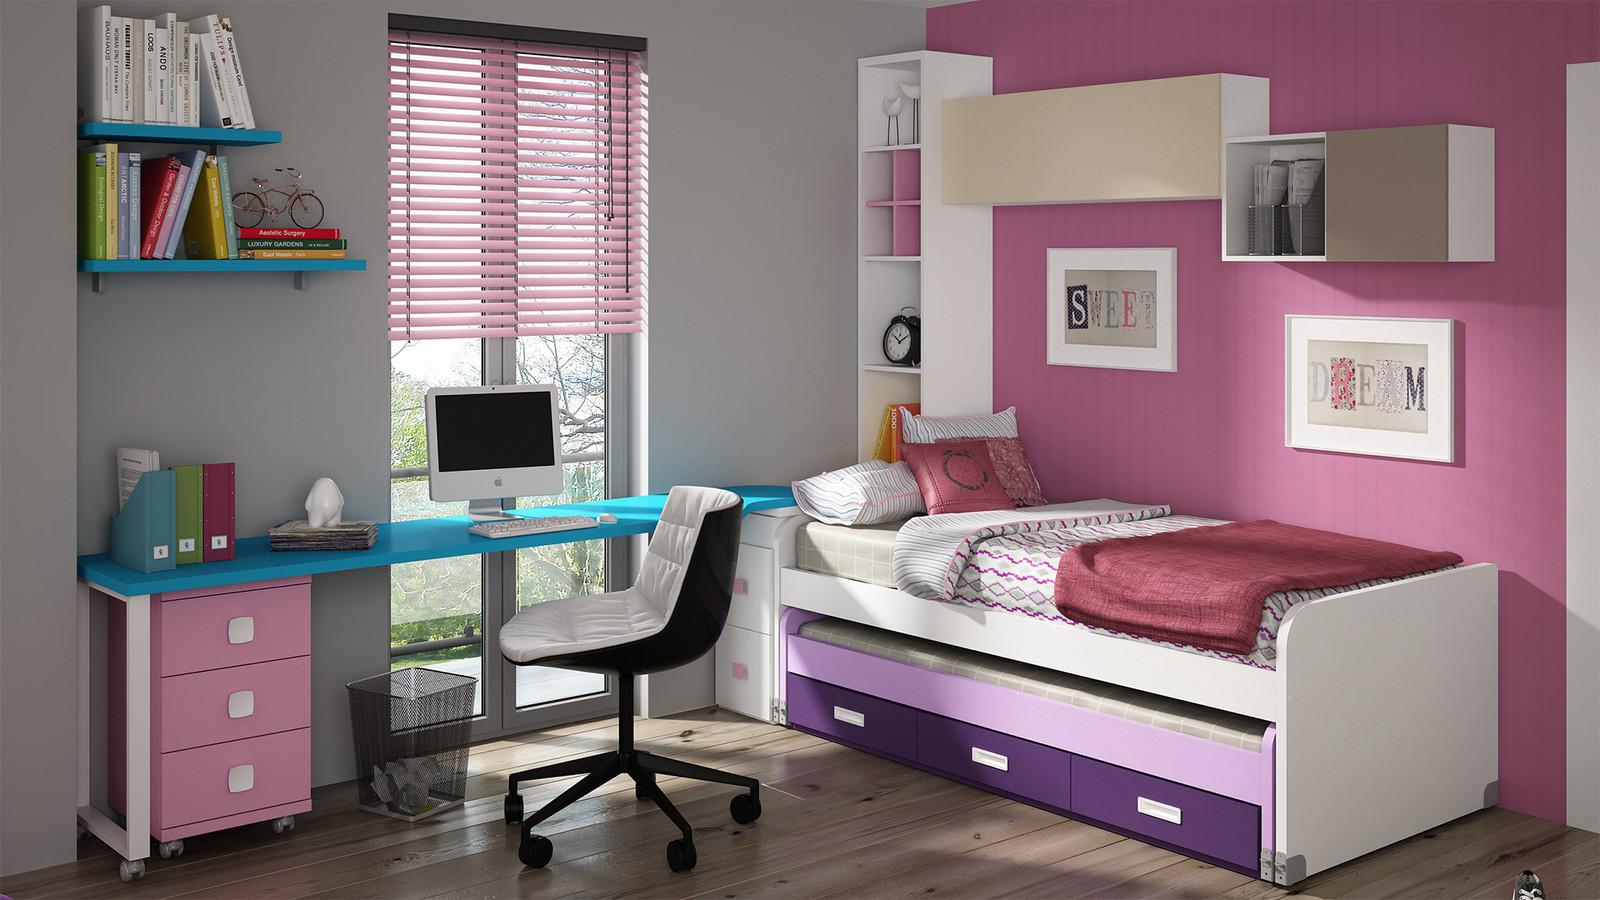 lit gain de place. Black Bedroom Furniture Sets. Home Design Ideas